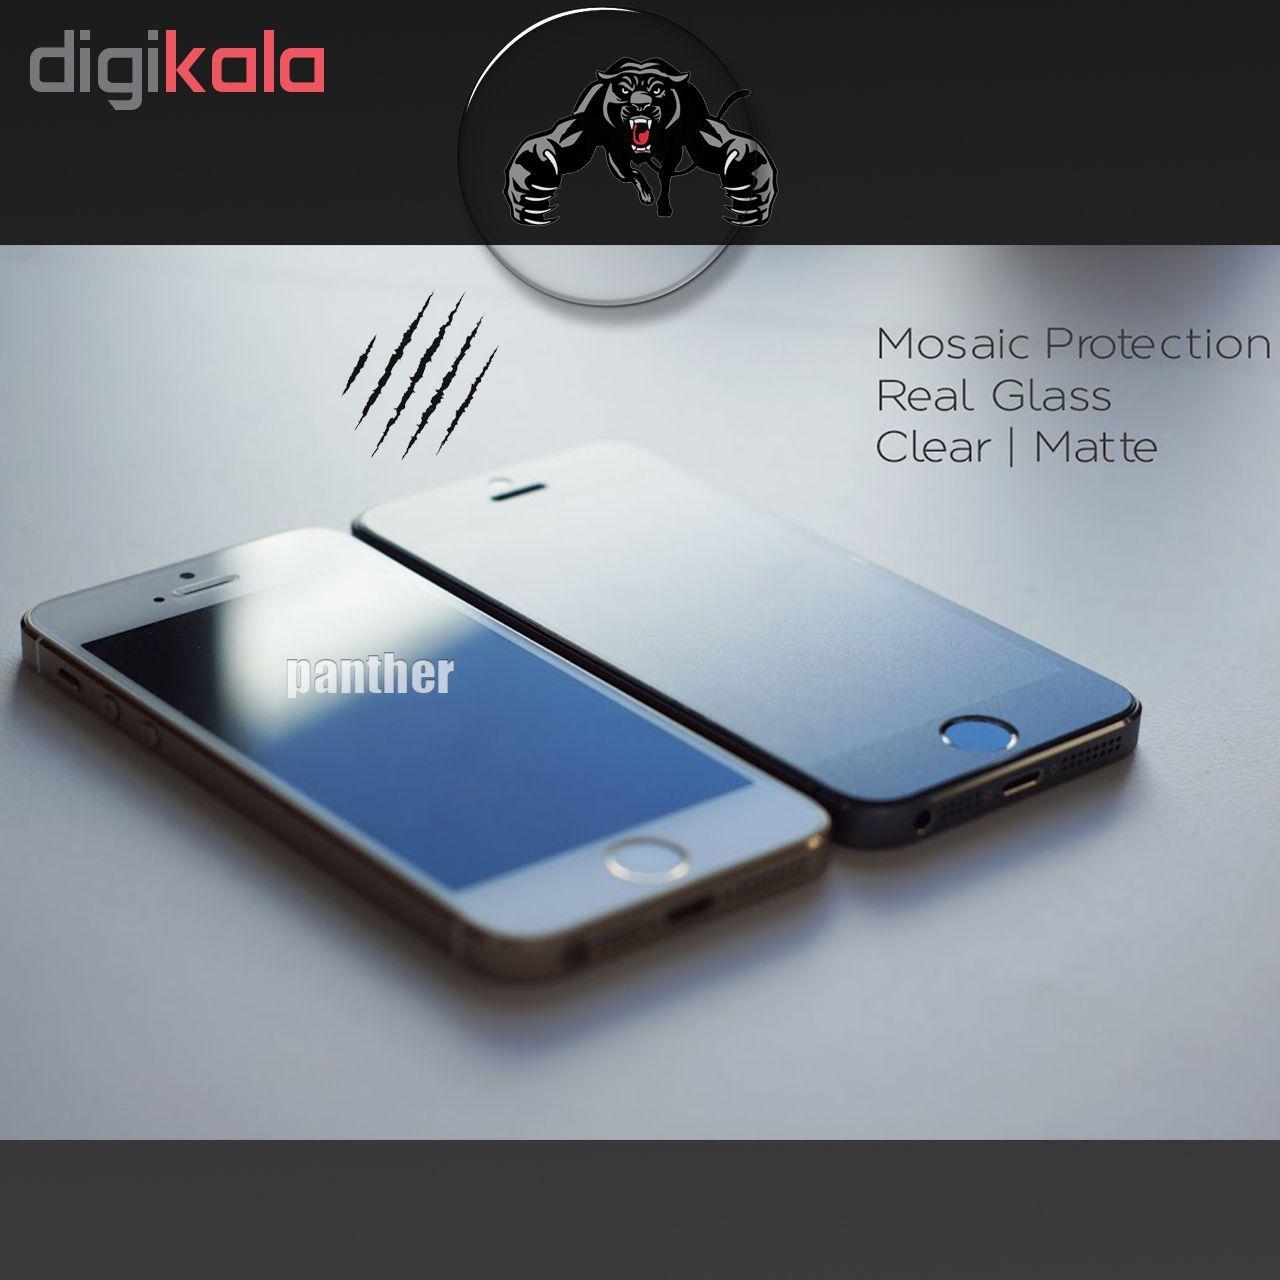 محافظ صفحه نمایش مات پنتر مدل PFG-017 مناسب برای گوشی موبایل اپل iPhone 6 Plus / 6s Plus main 1 5